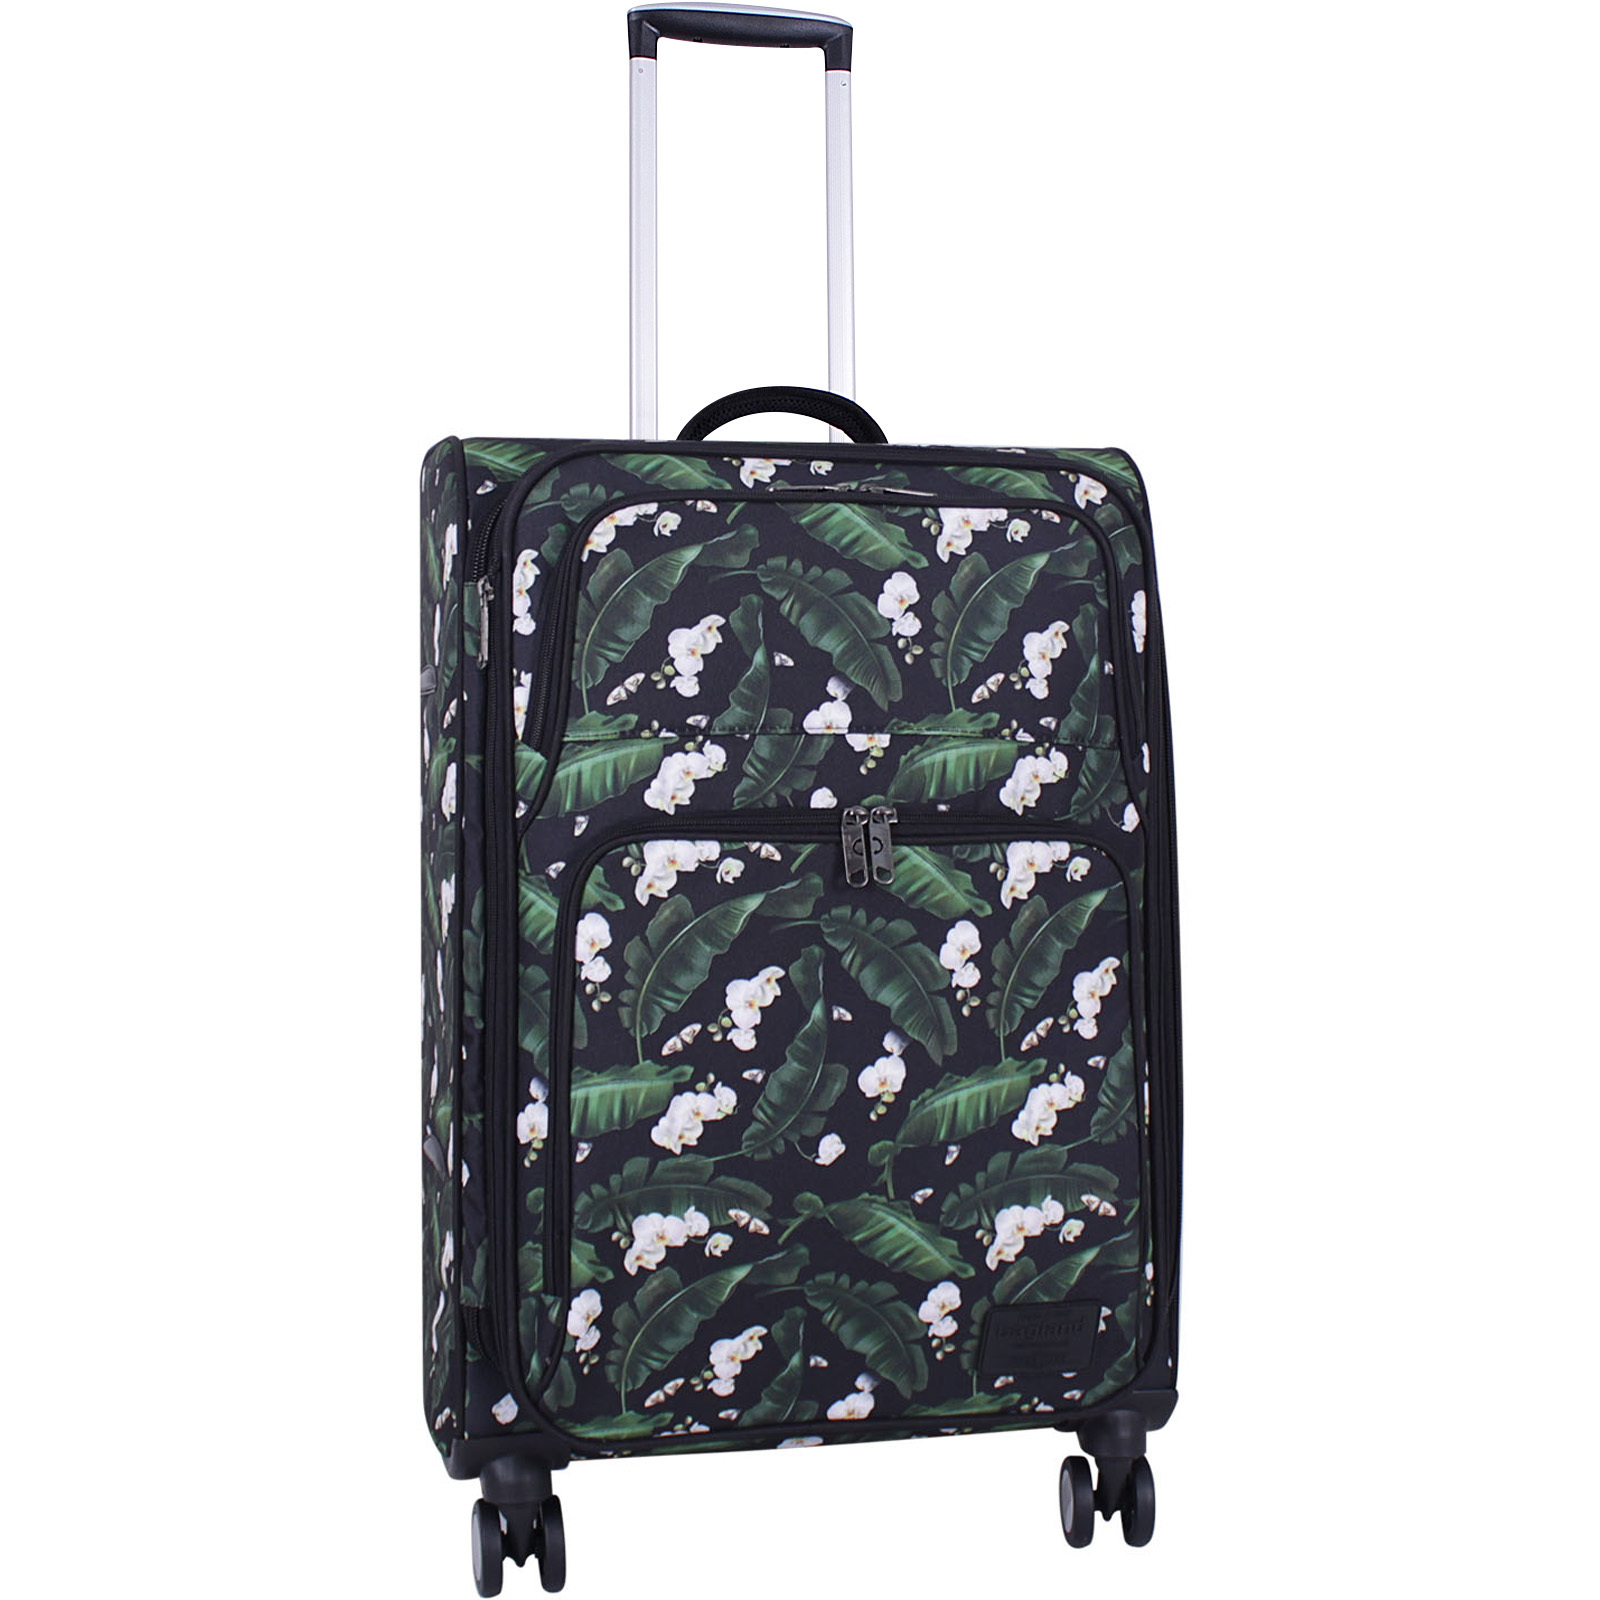 Дорожные чемоданы Чемодан Bagland Валенсия средний дизайн 63 л. сублимация 651 (0037966244) IMG_8859_суб651_-1600.jpg